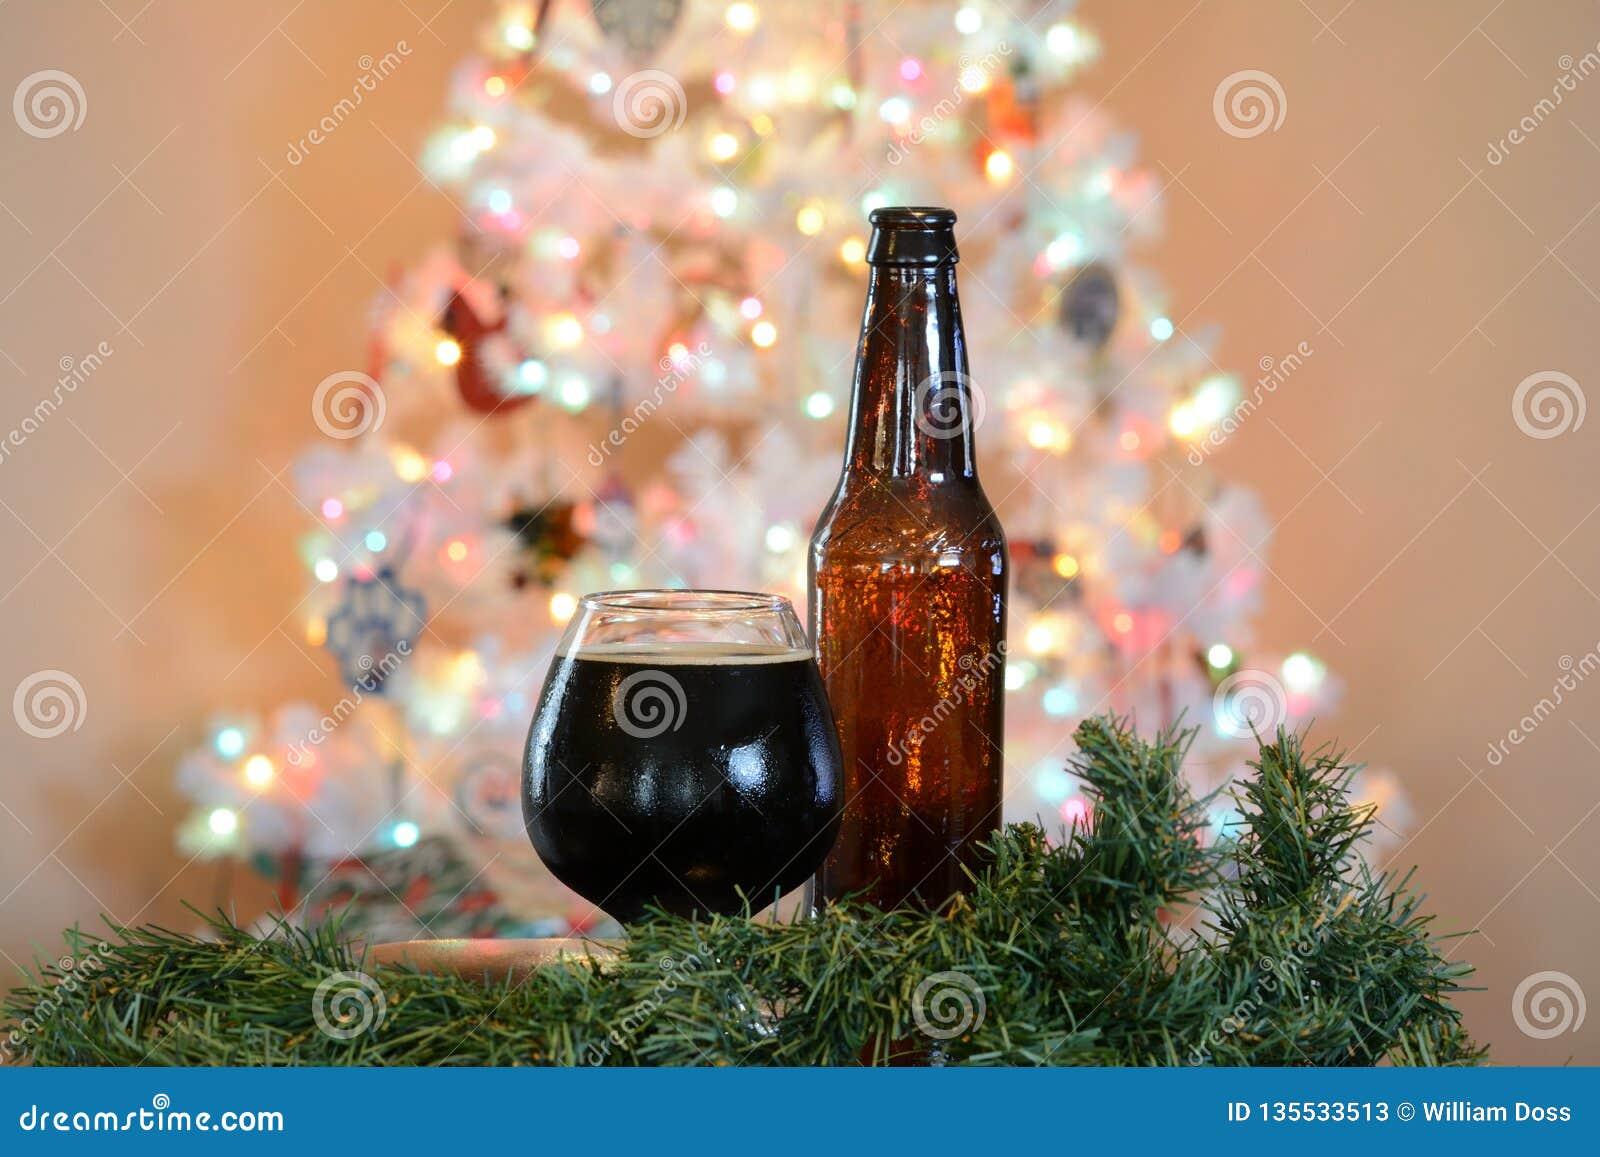 Glas Bier aufgeworfen vor Baum der weißen Weihnacht mit farbigen Lichtern